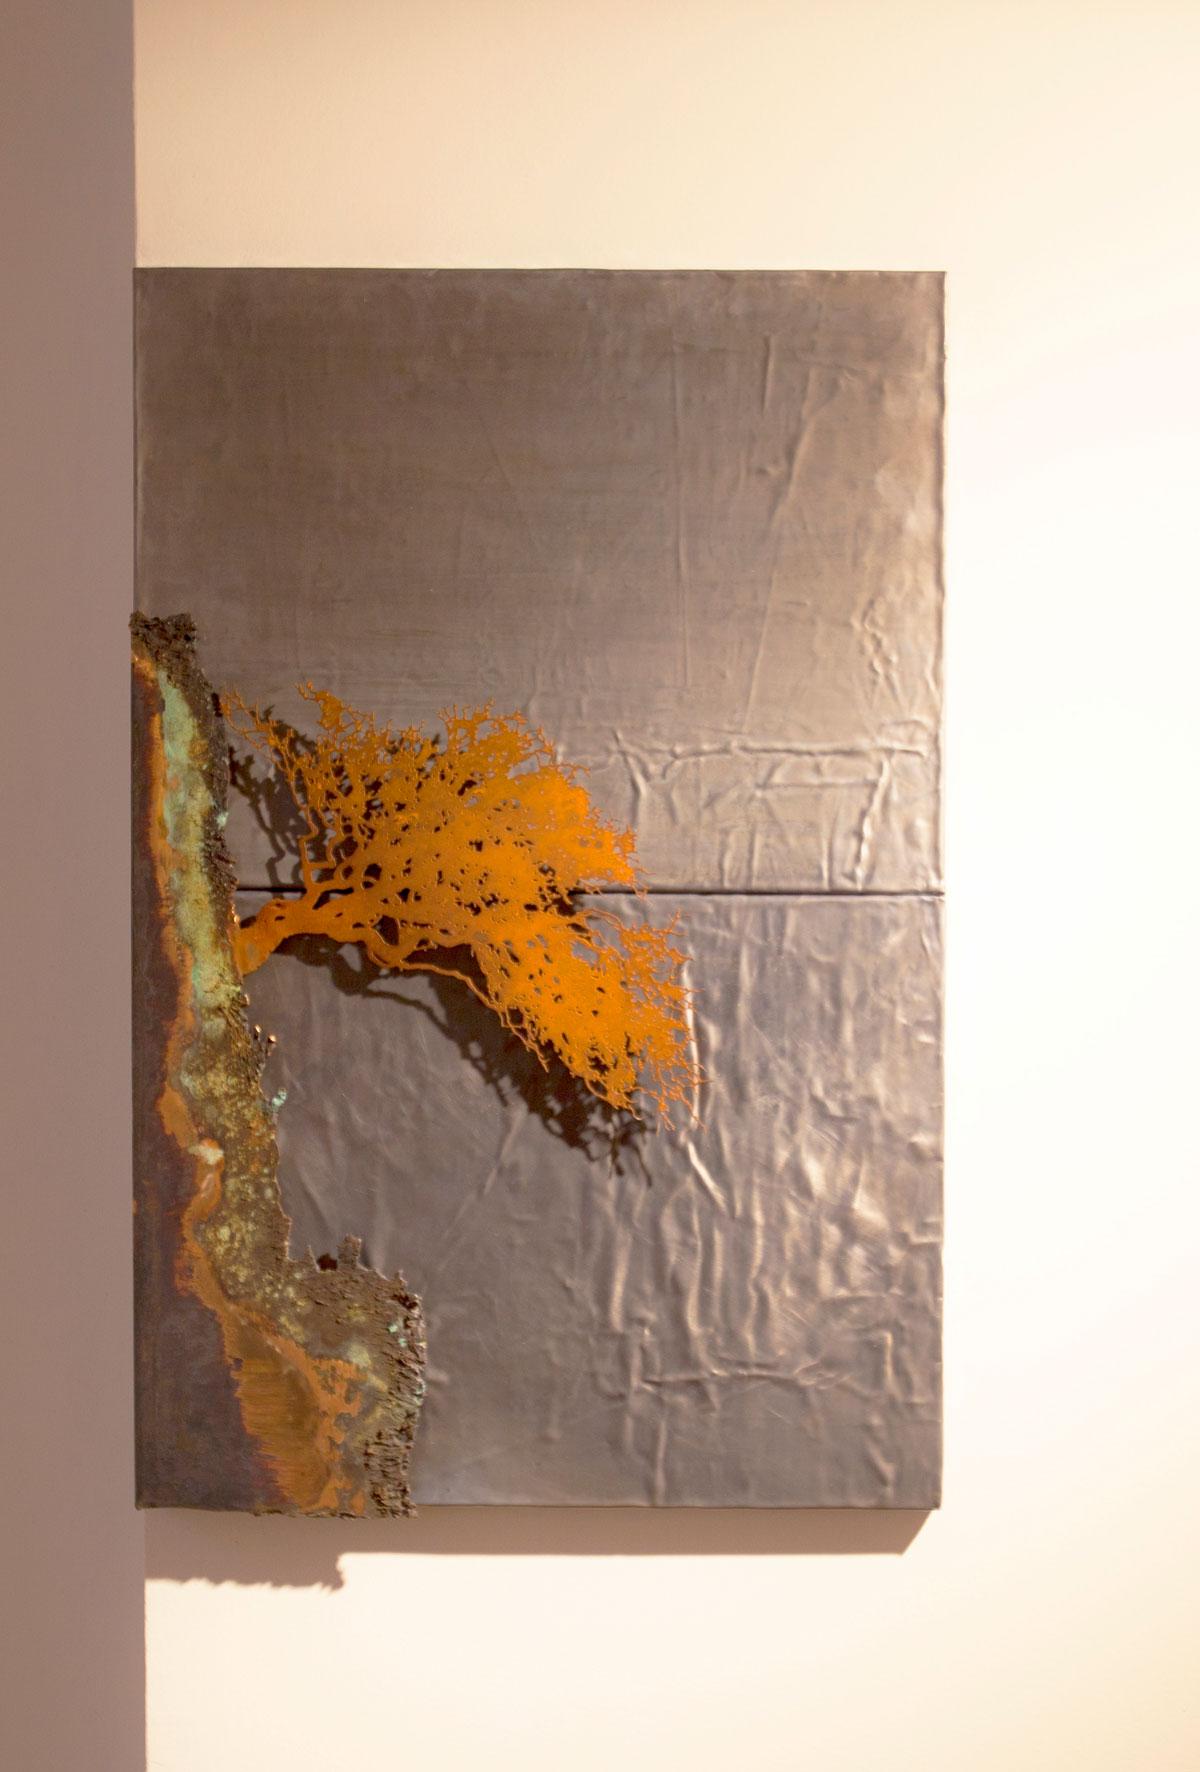 SCOGLIERA, scultura. taglio laser in corten, bronzo ossidato e base in piombo, 2018